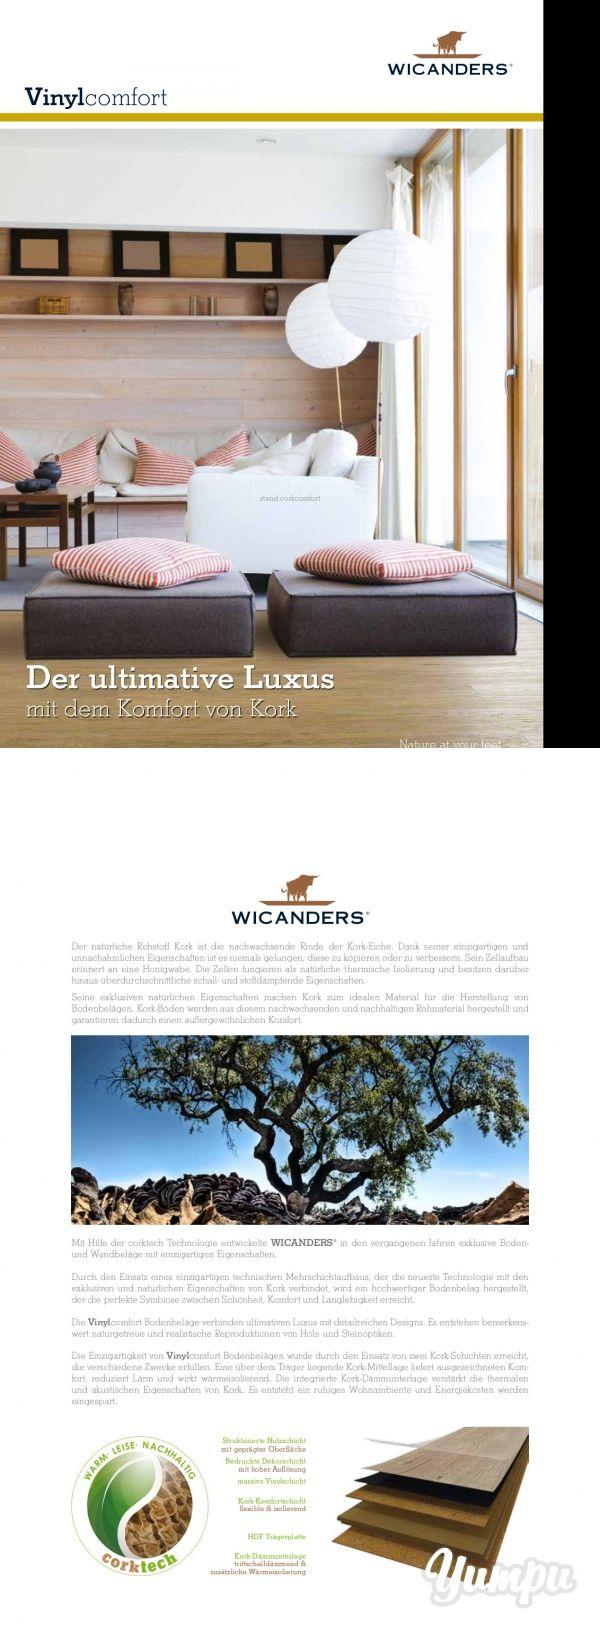 Wicanders Vinylcomfort - Der ultimative Luxus mit dem Komfort von Kork. Entdecken Sie die Vielseitigkeit von Vinylbelägen.